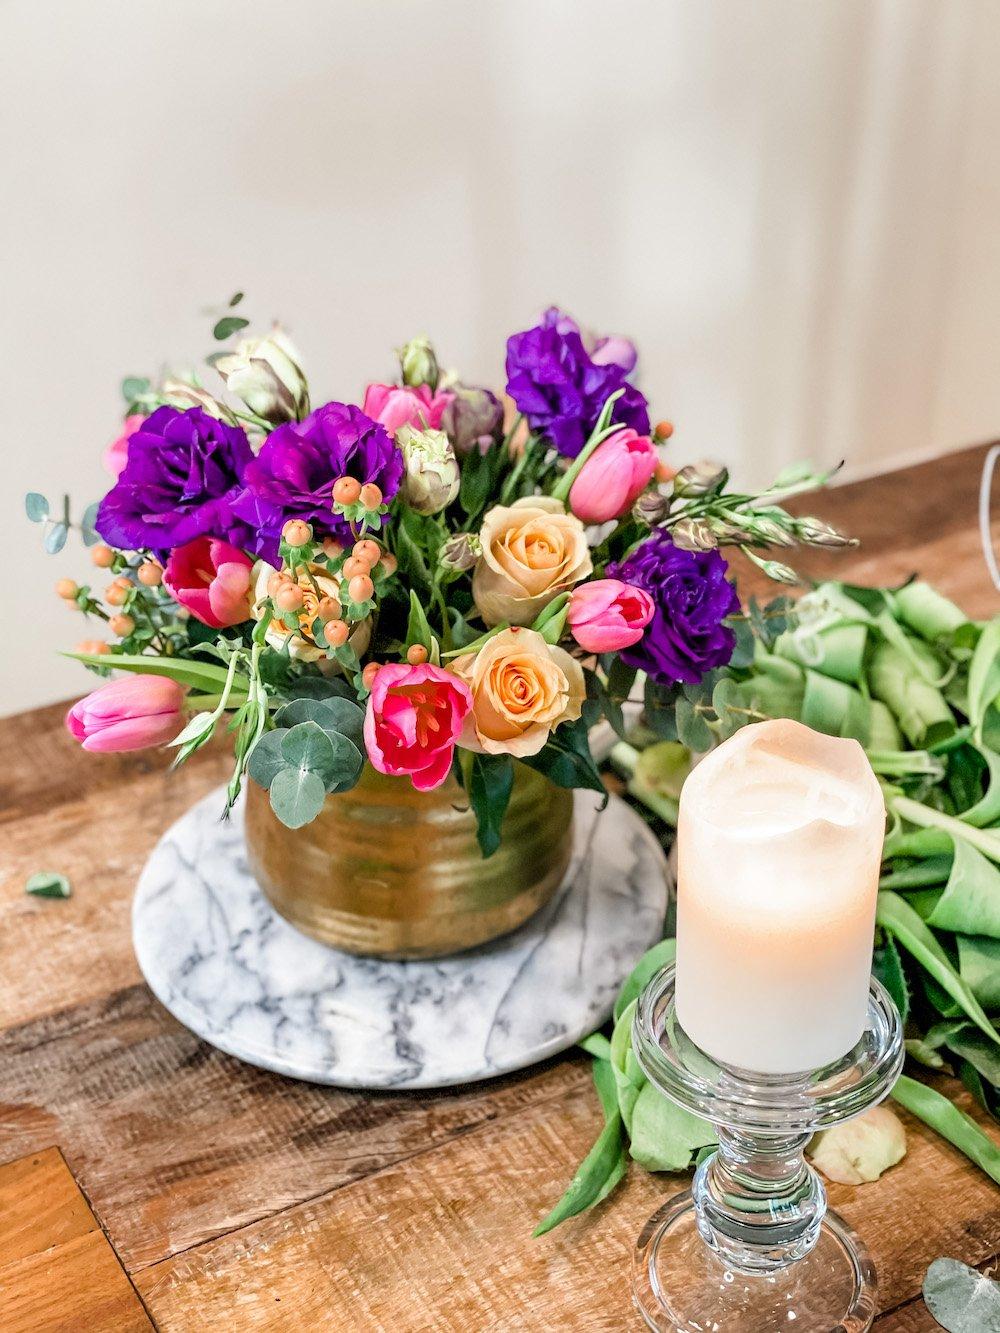 Healing Blooms25-jpg